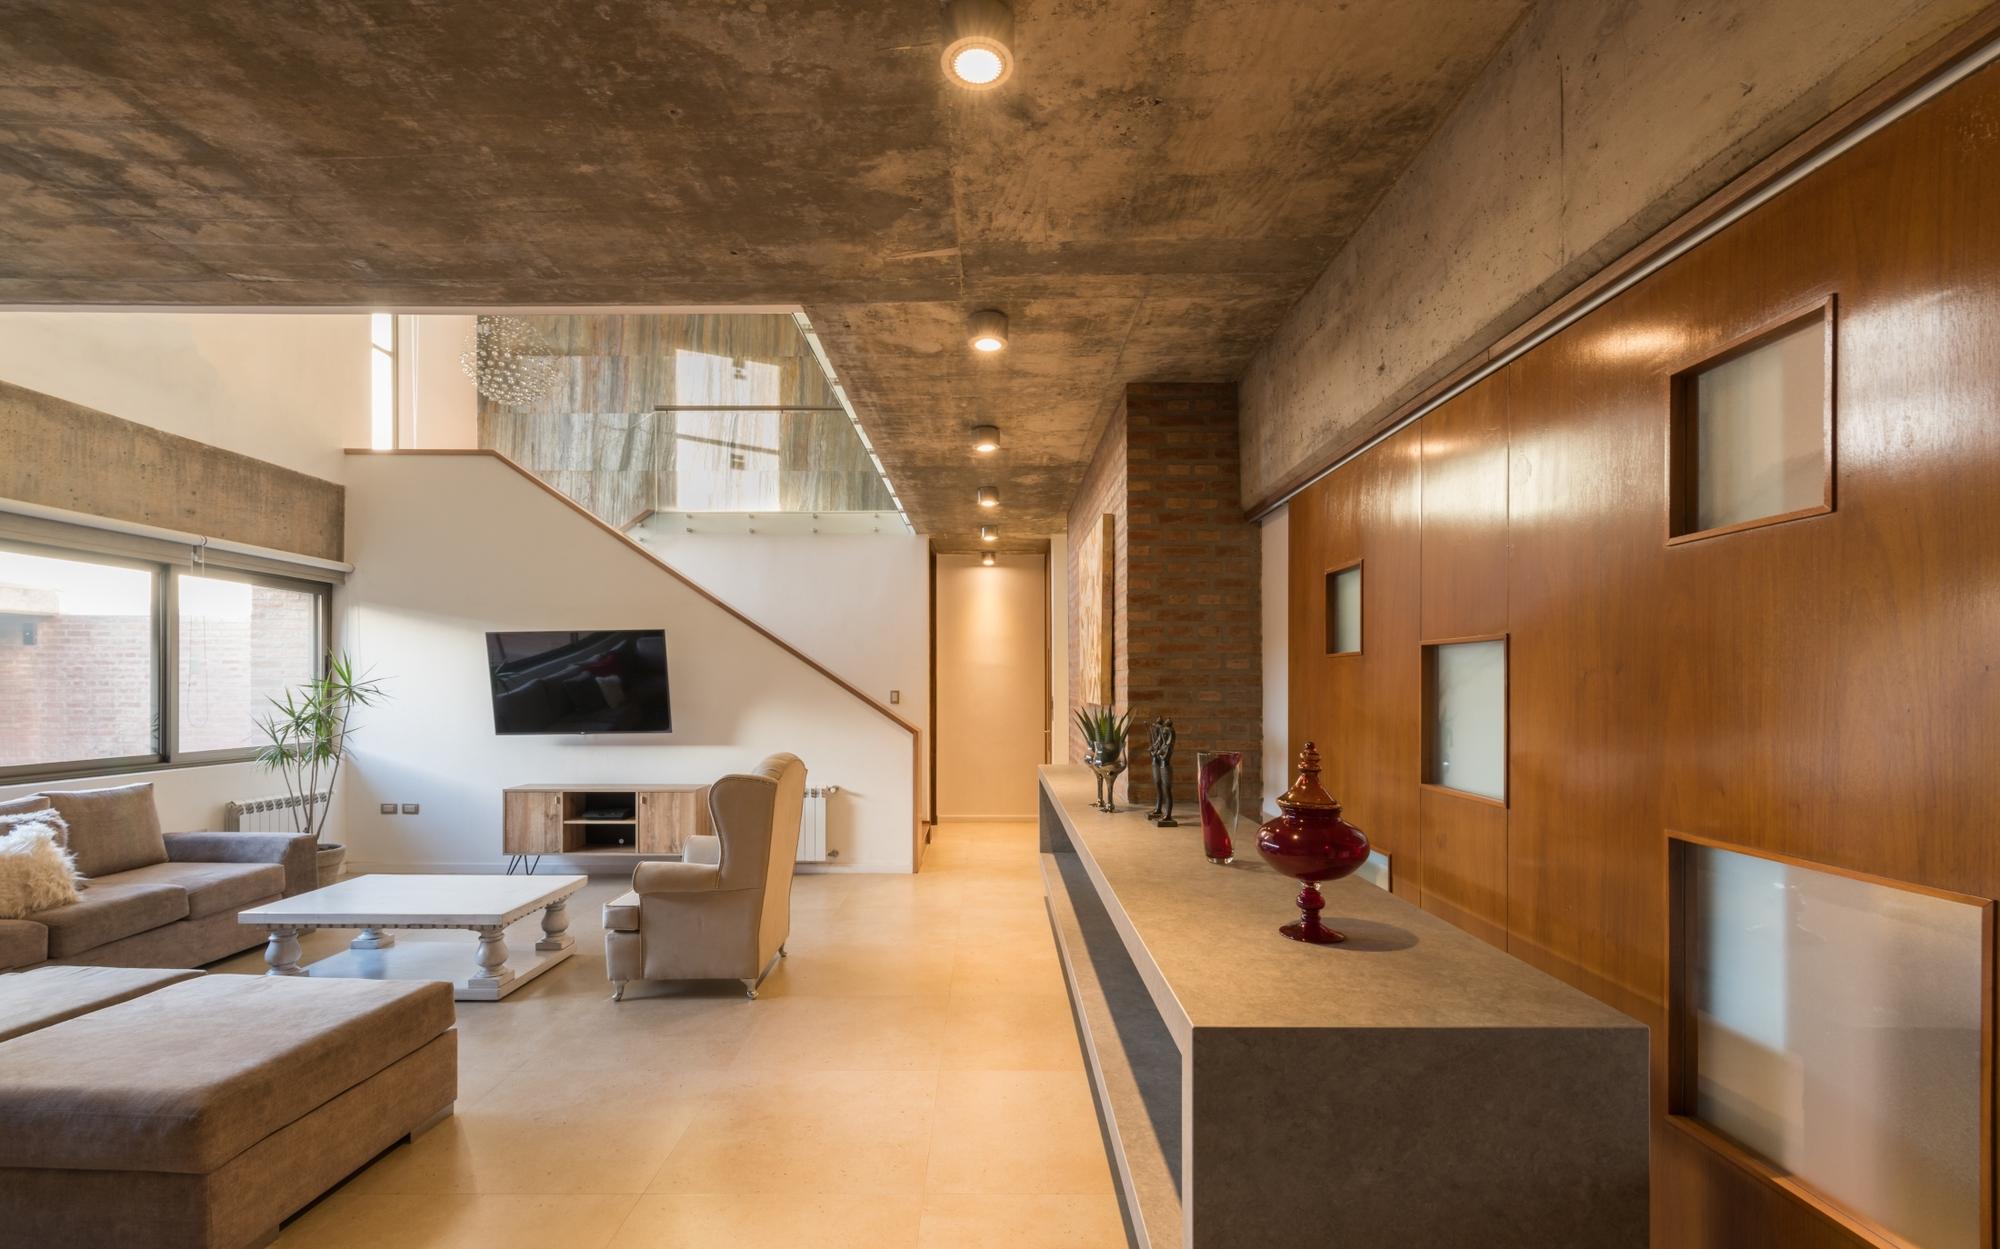 Galer a de vivienda en el norte de c rdoba ono arquitectos 12 - Arquitectos en cordoba ...